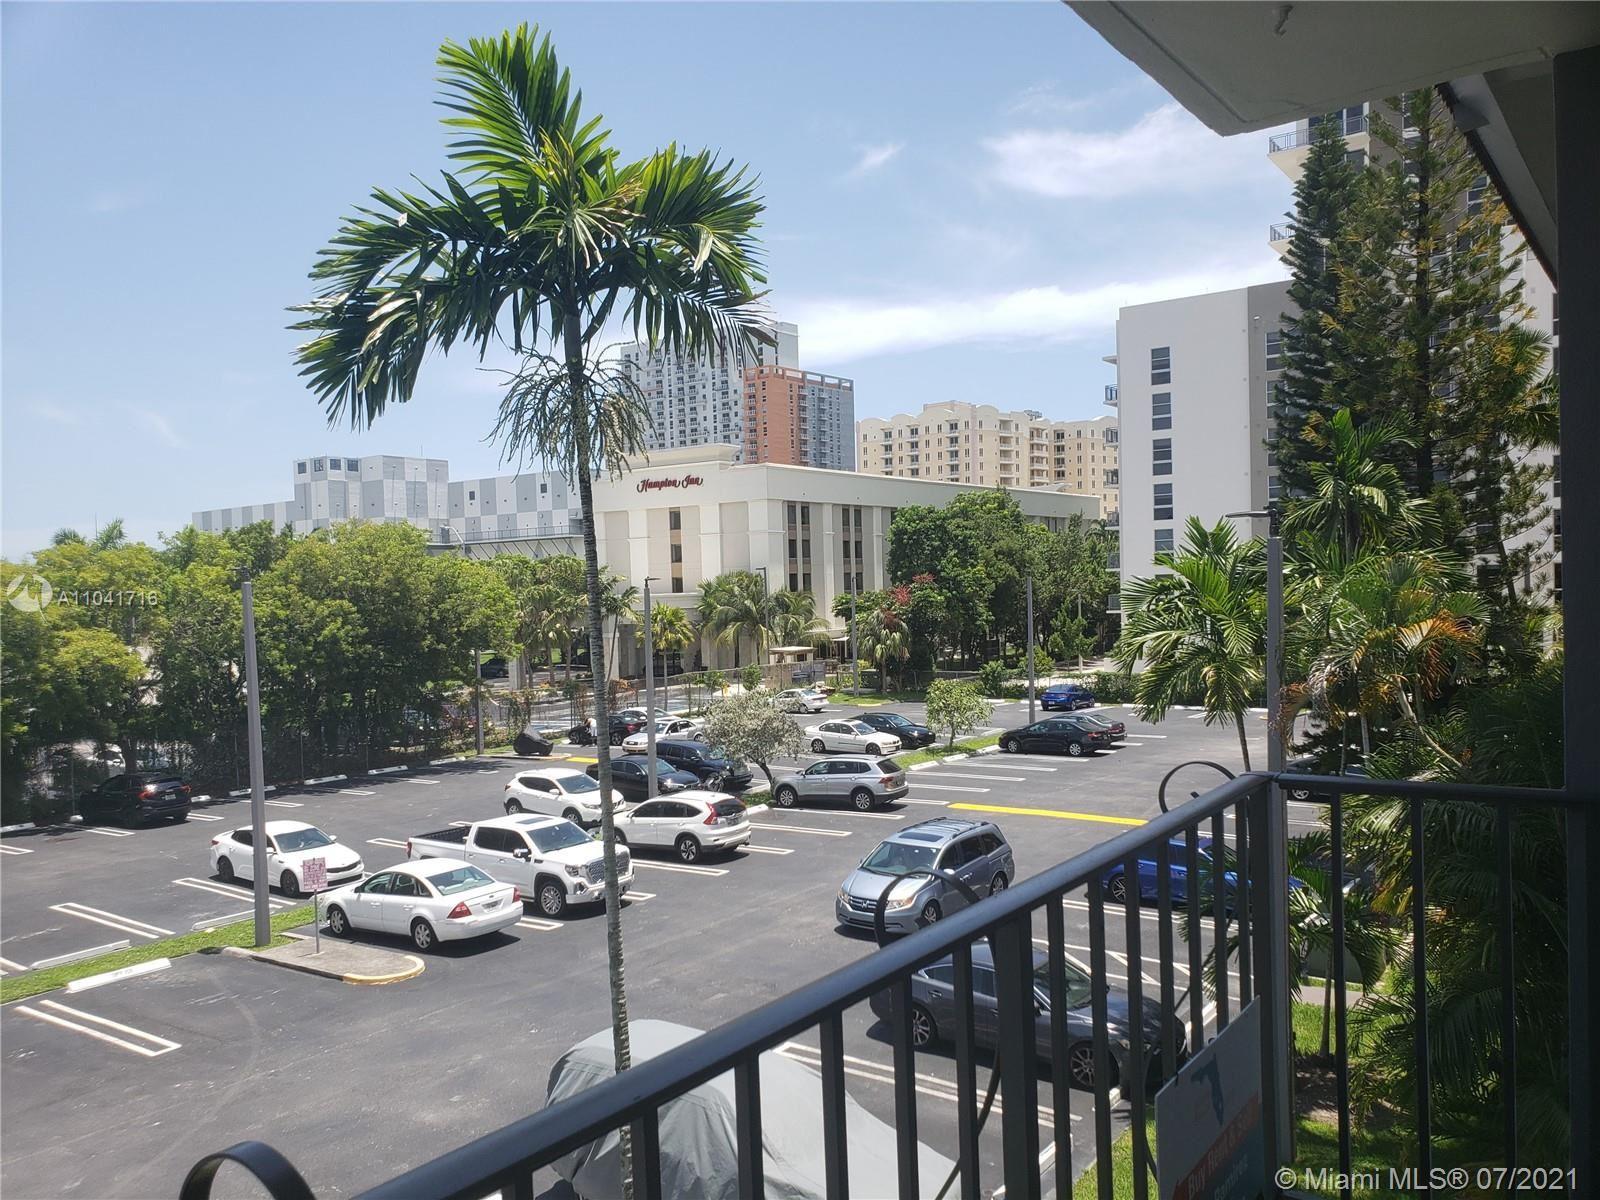 8107 SW 72nd Ave #307E, Miami, FL 33143 - #: A11041716